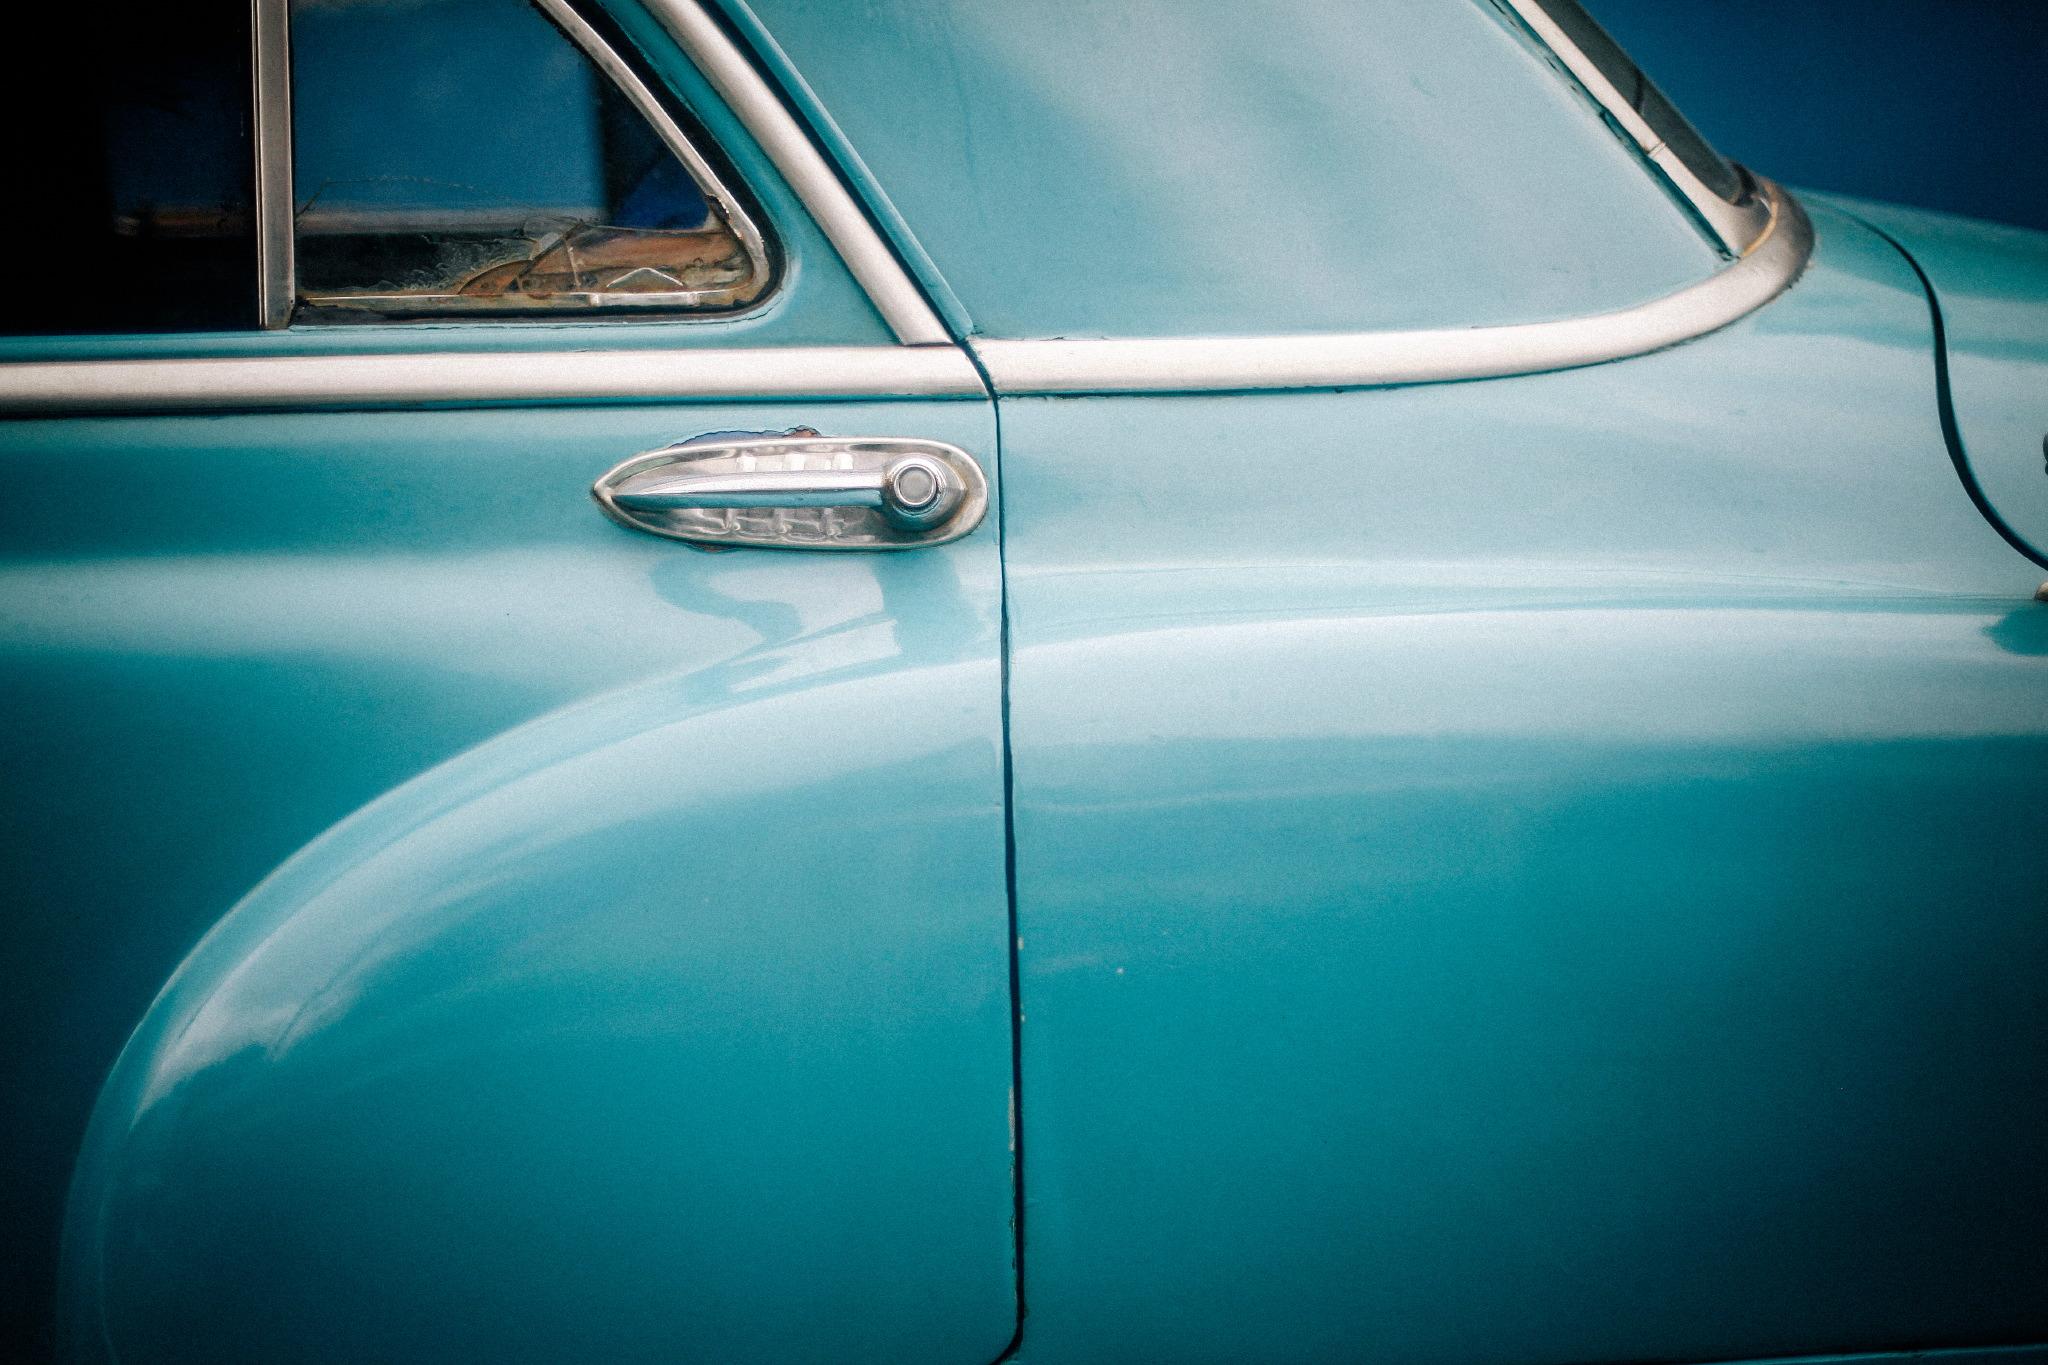 san diego wedding   photographer | closeup of teal car's door handle